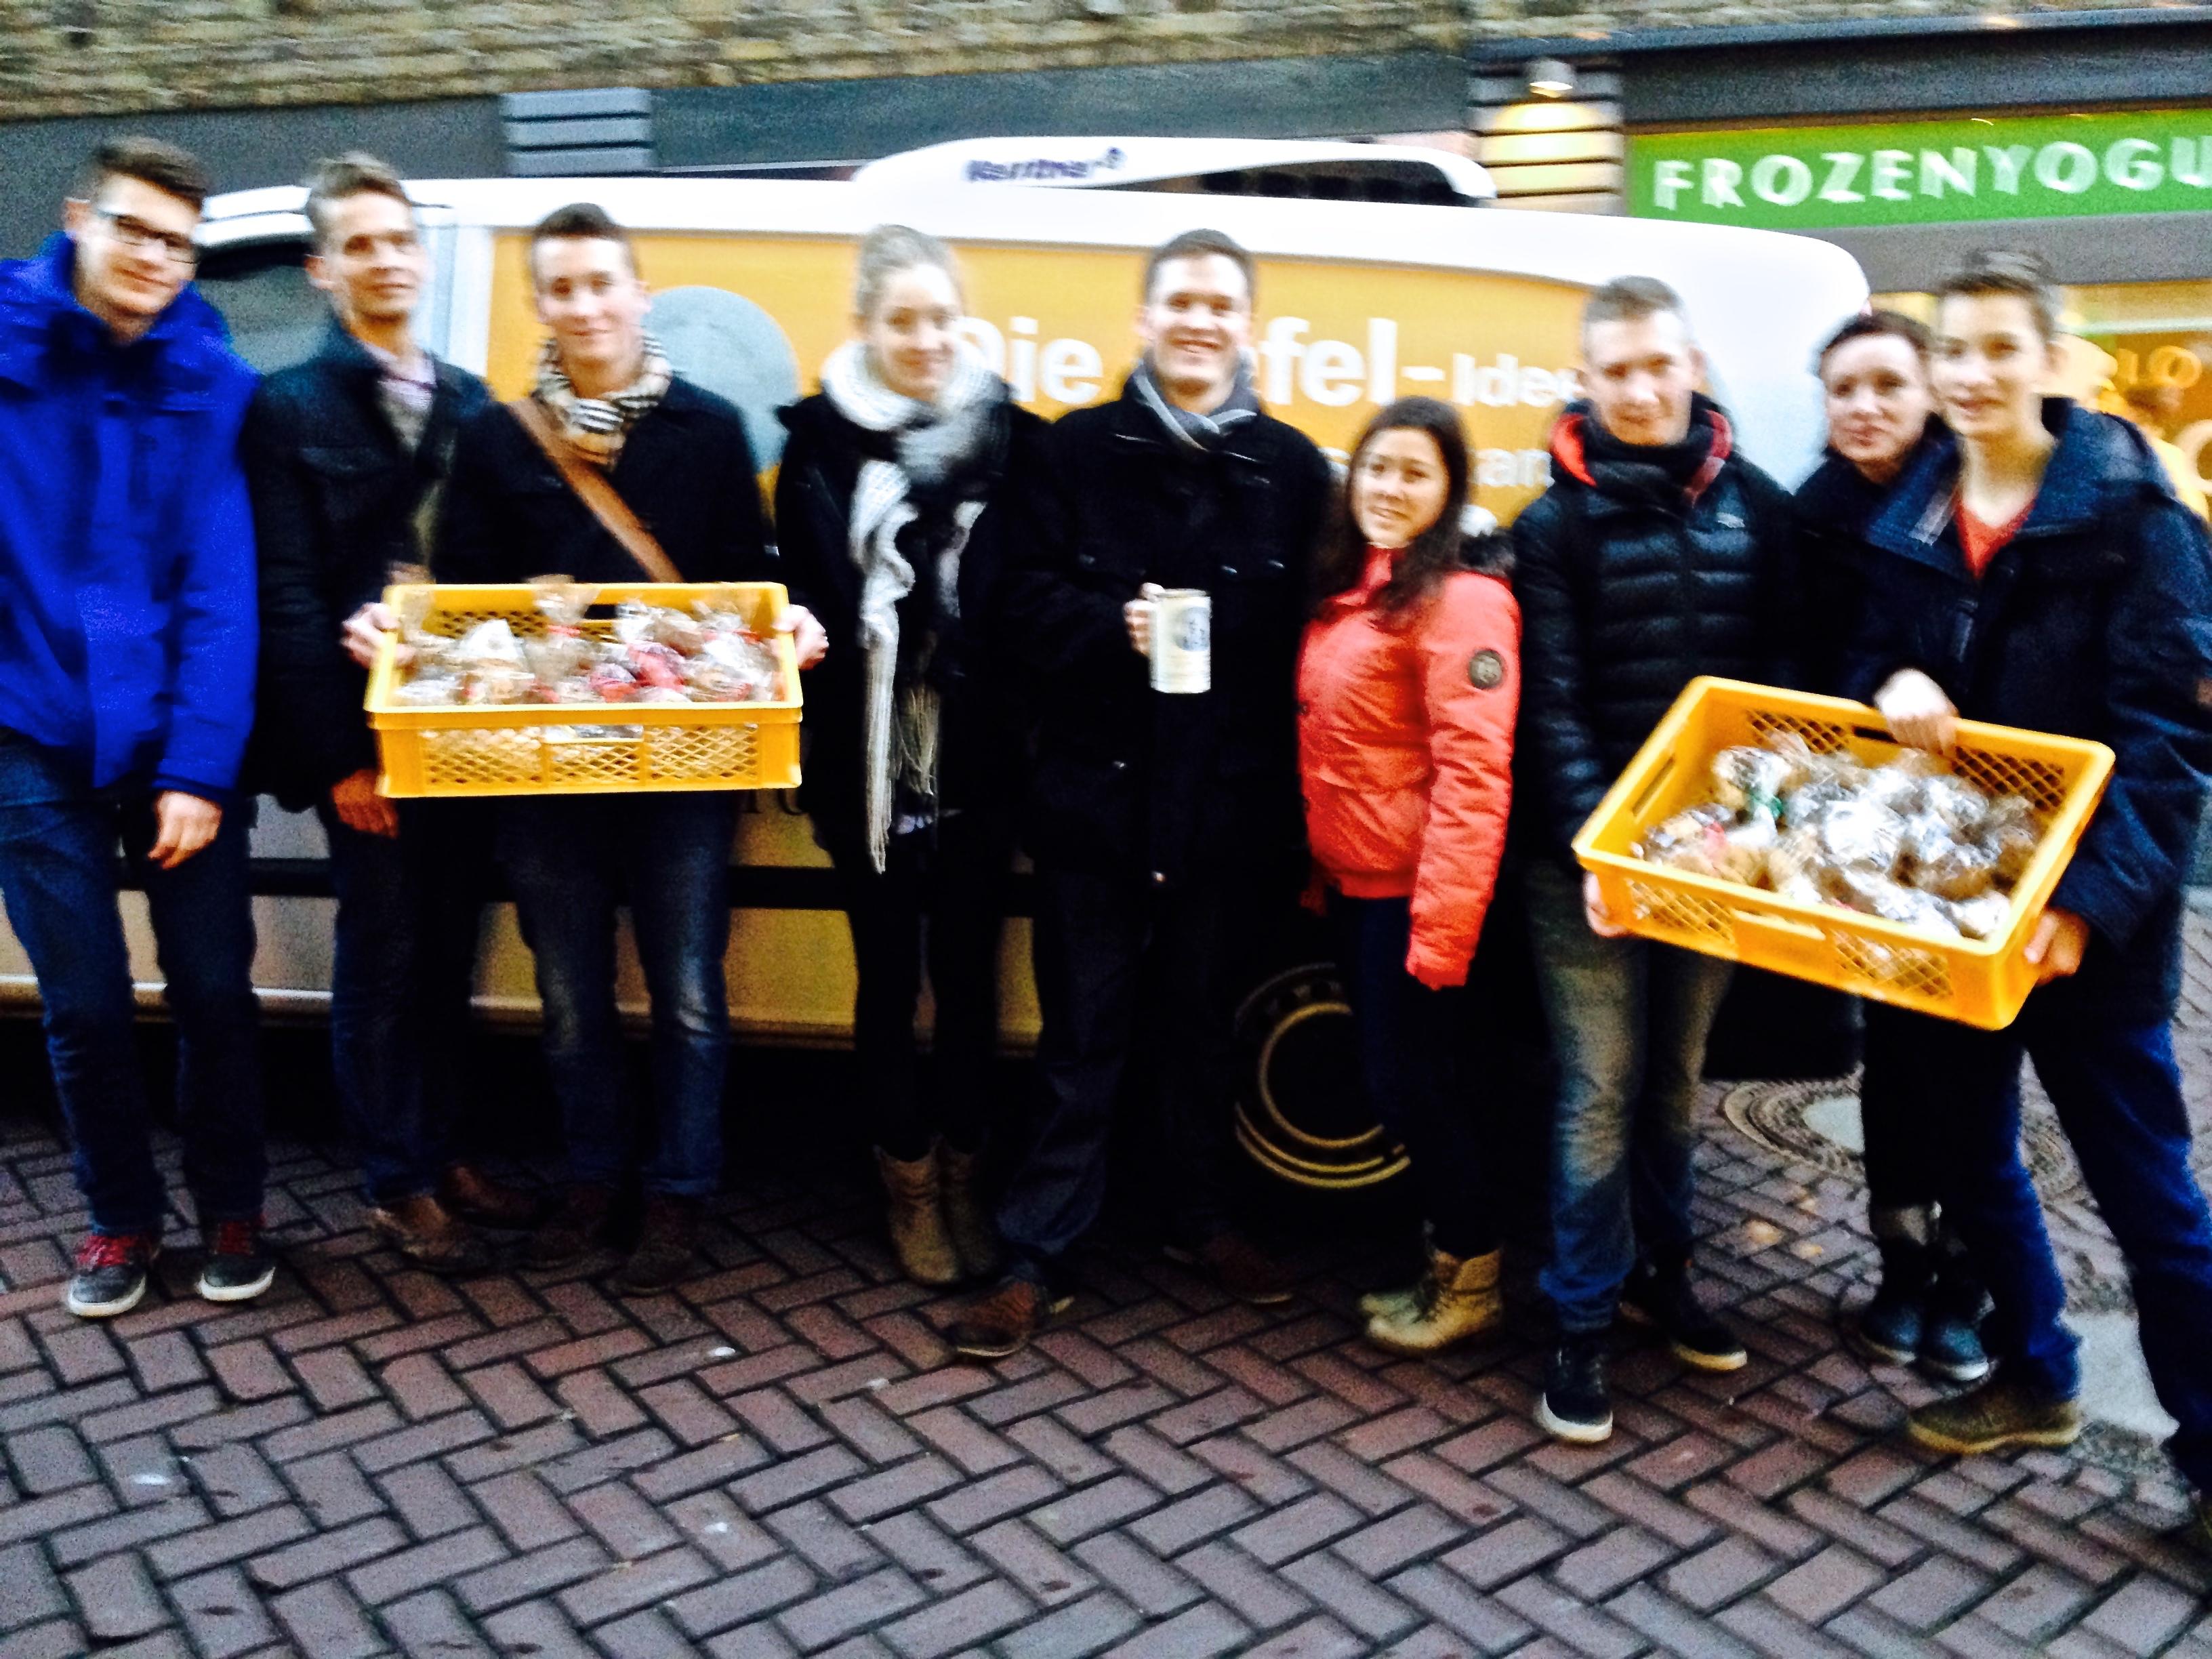 SV engagiert sich für die Düsseldorfer Kinderkrebshilfe